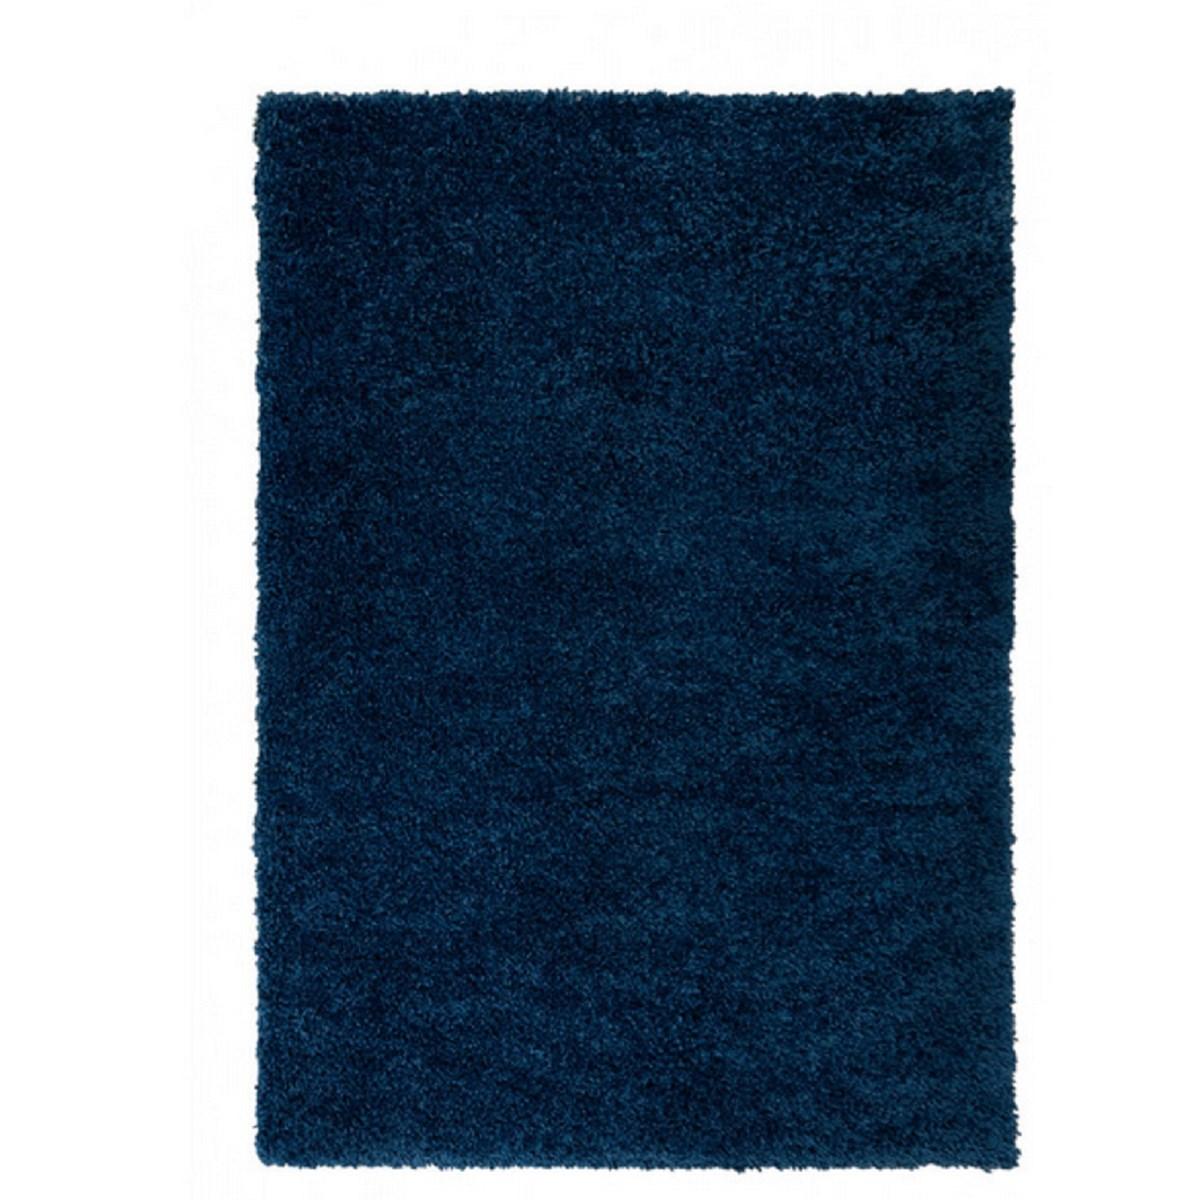 Tapis shaggy en Polypropylène Bleu 80x160 cm